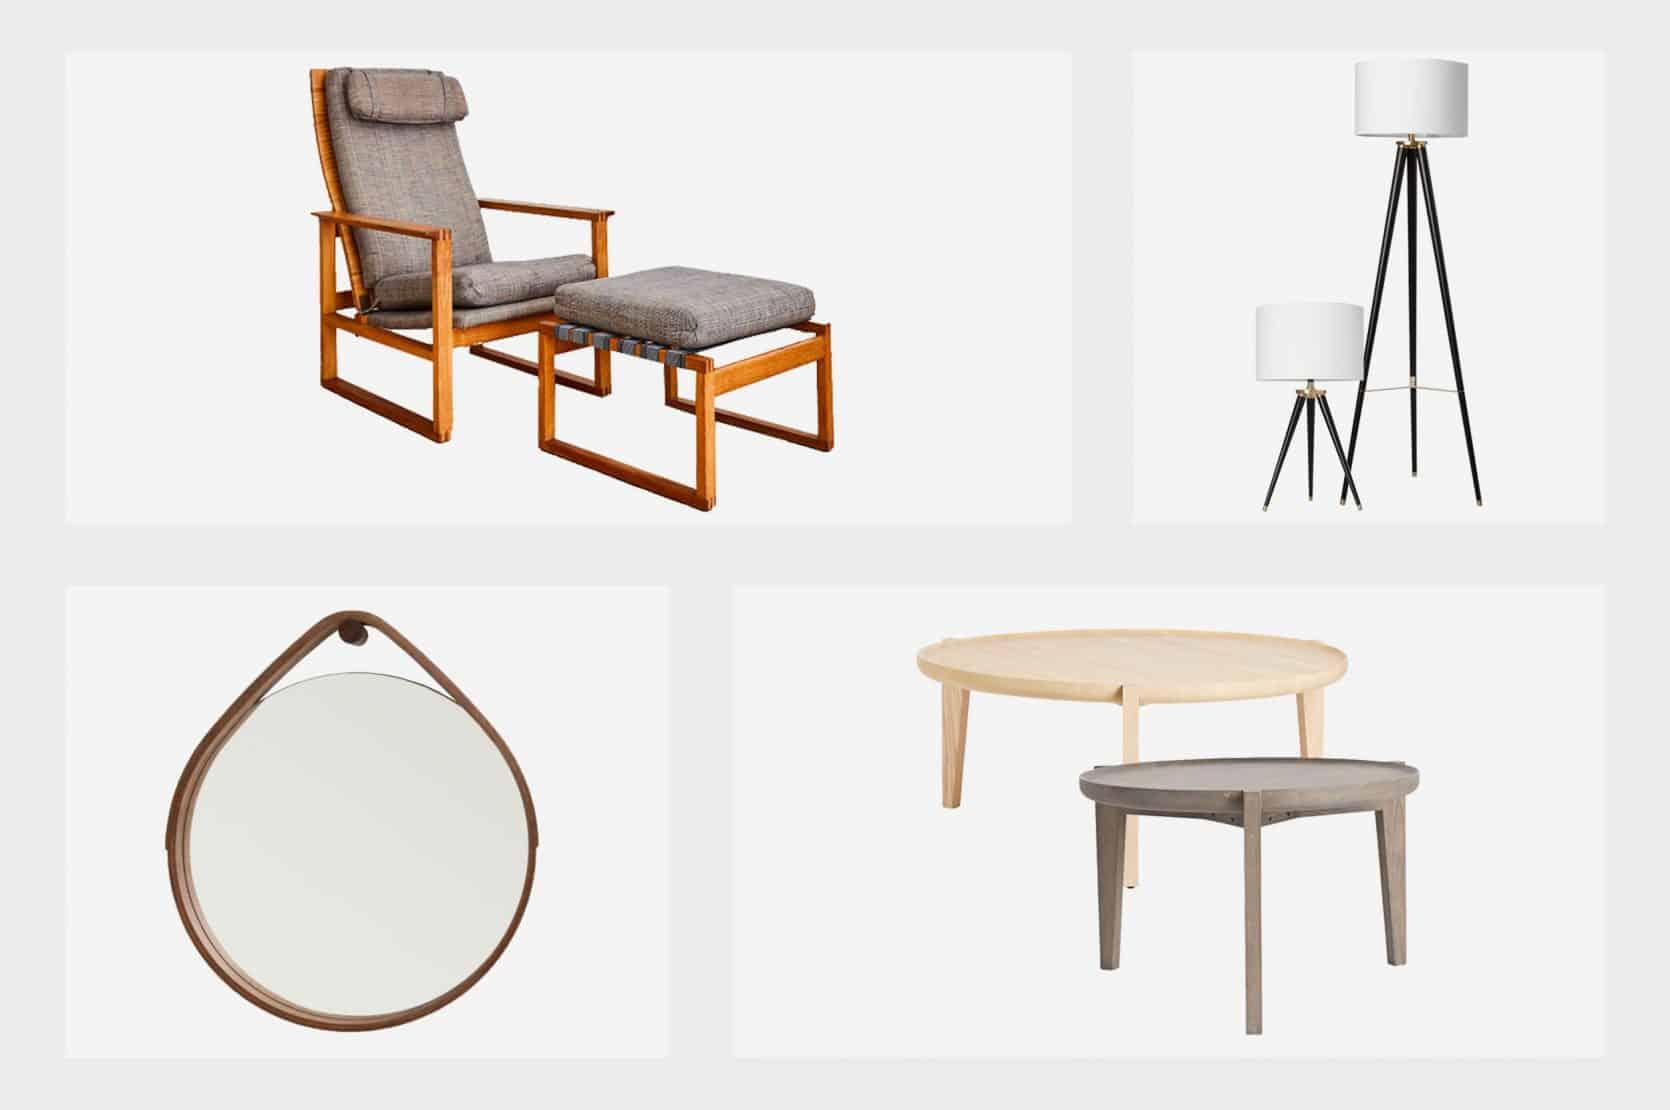 Emily Henderson Mountain Fixer Furniture I Already Had Roundup 04